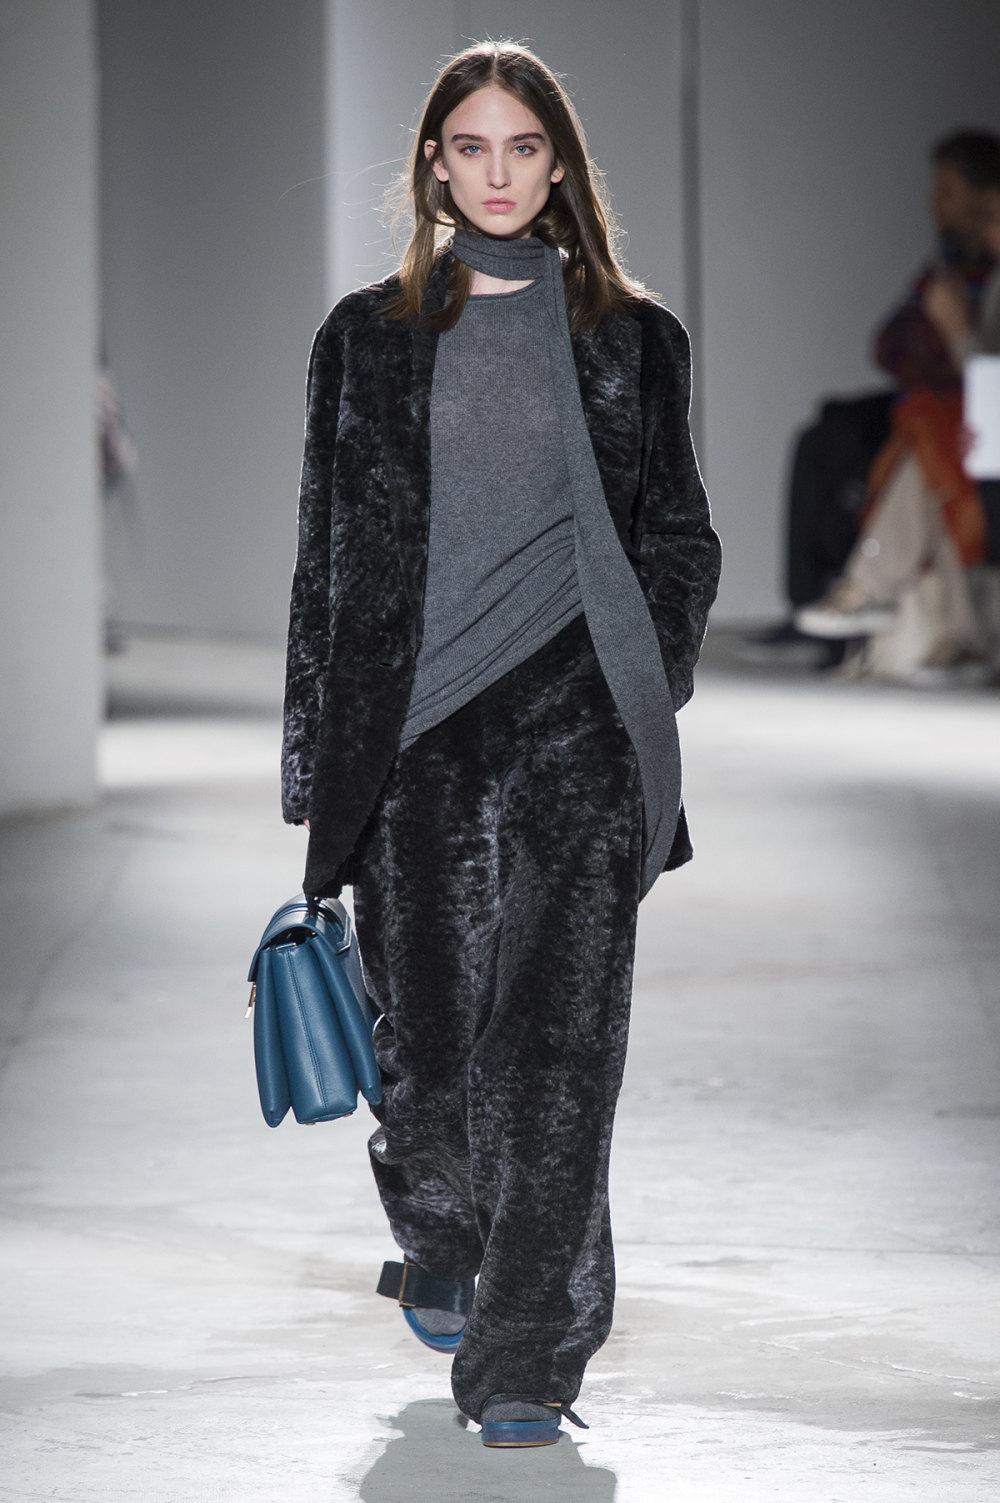 Agnona时装系列有纹理外套长而瘦有些穿着浴袍宽腿裤套装有巧克力-33.jpg